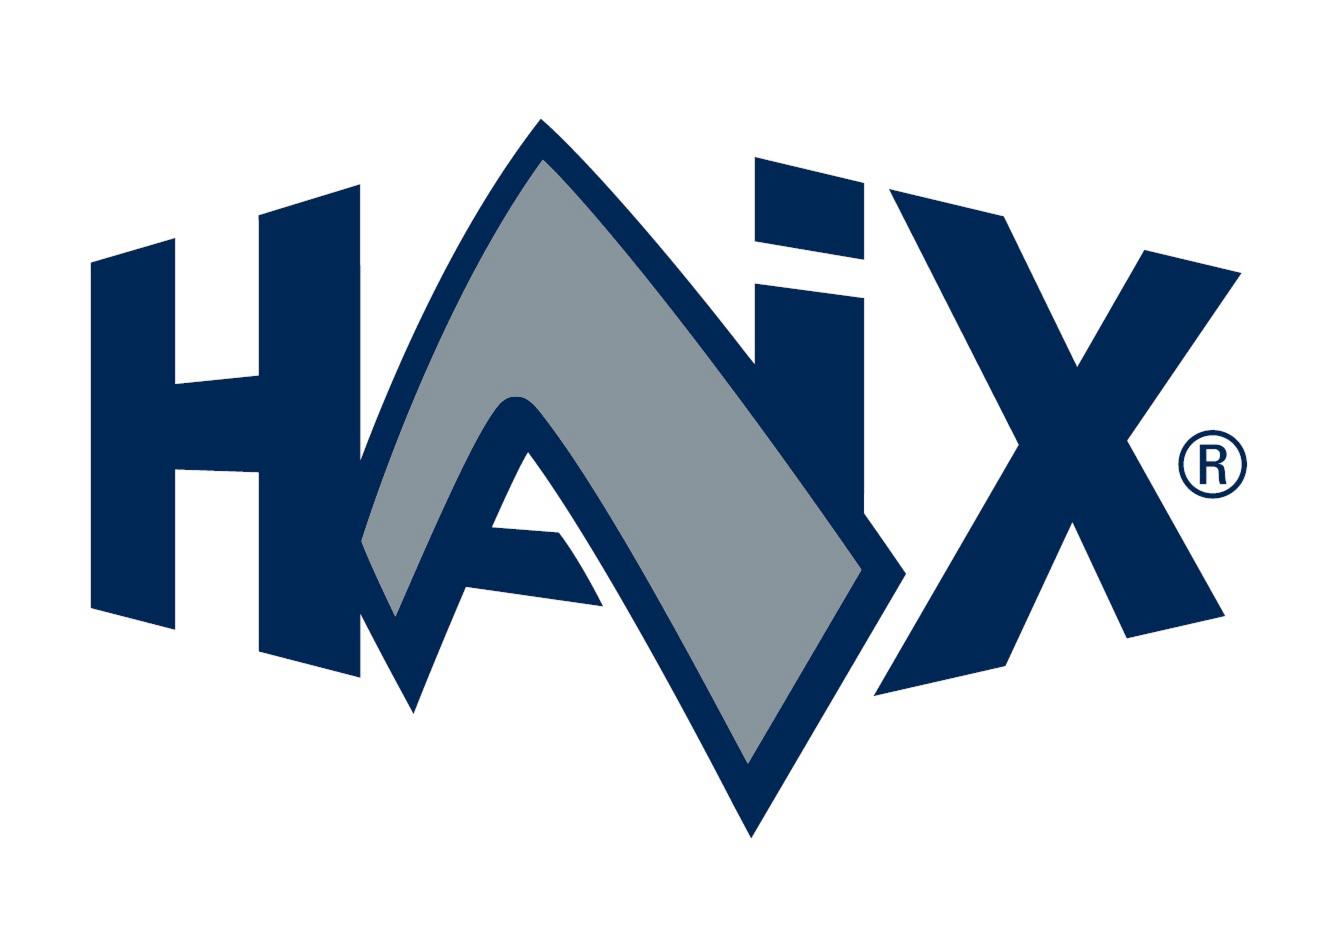 HAIX-Schuhe Produktions & Vertriebs